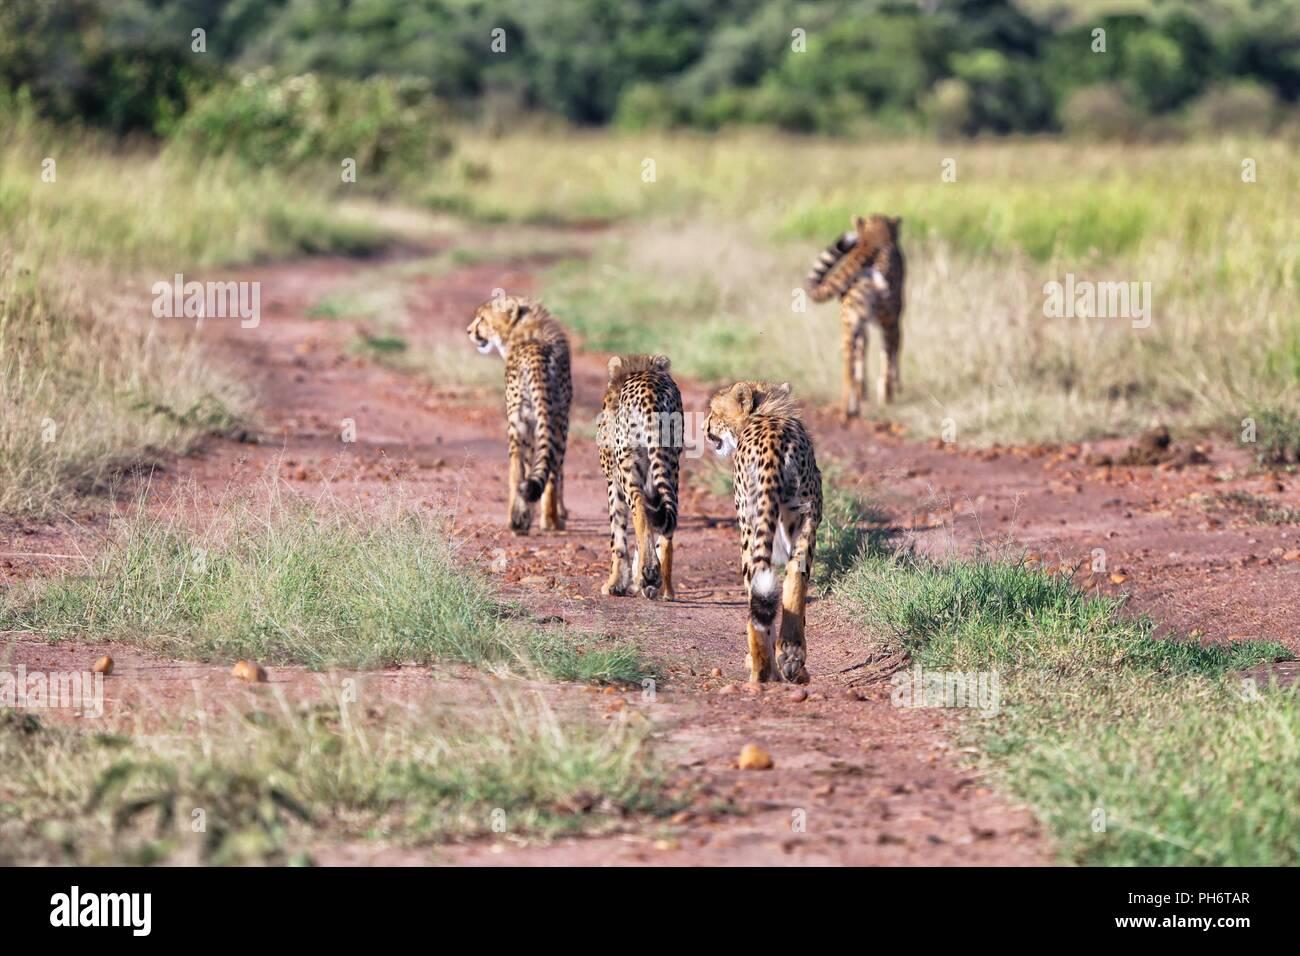 a cheetah family hunting at masai mara national park kenya - Stock Image